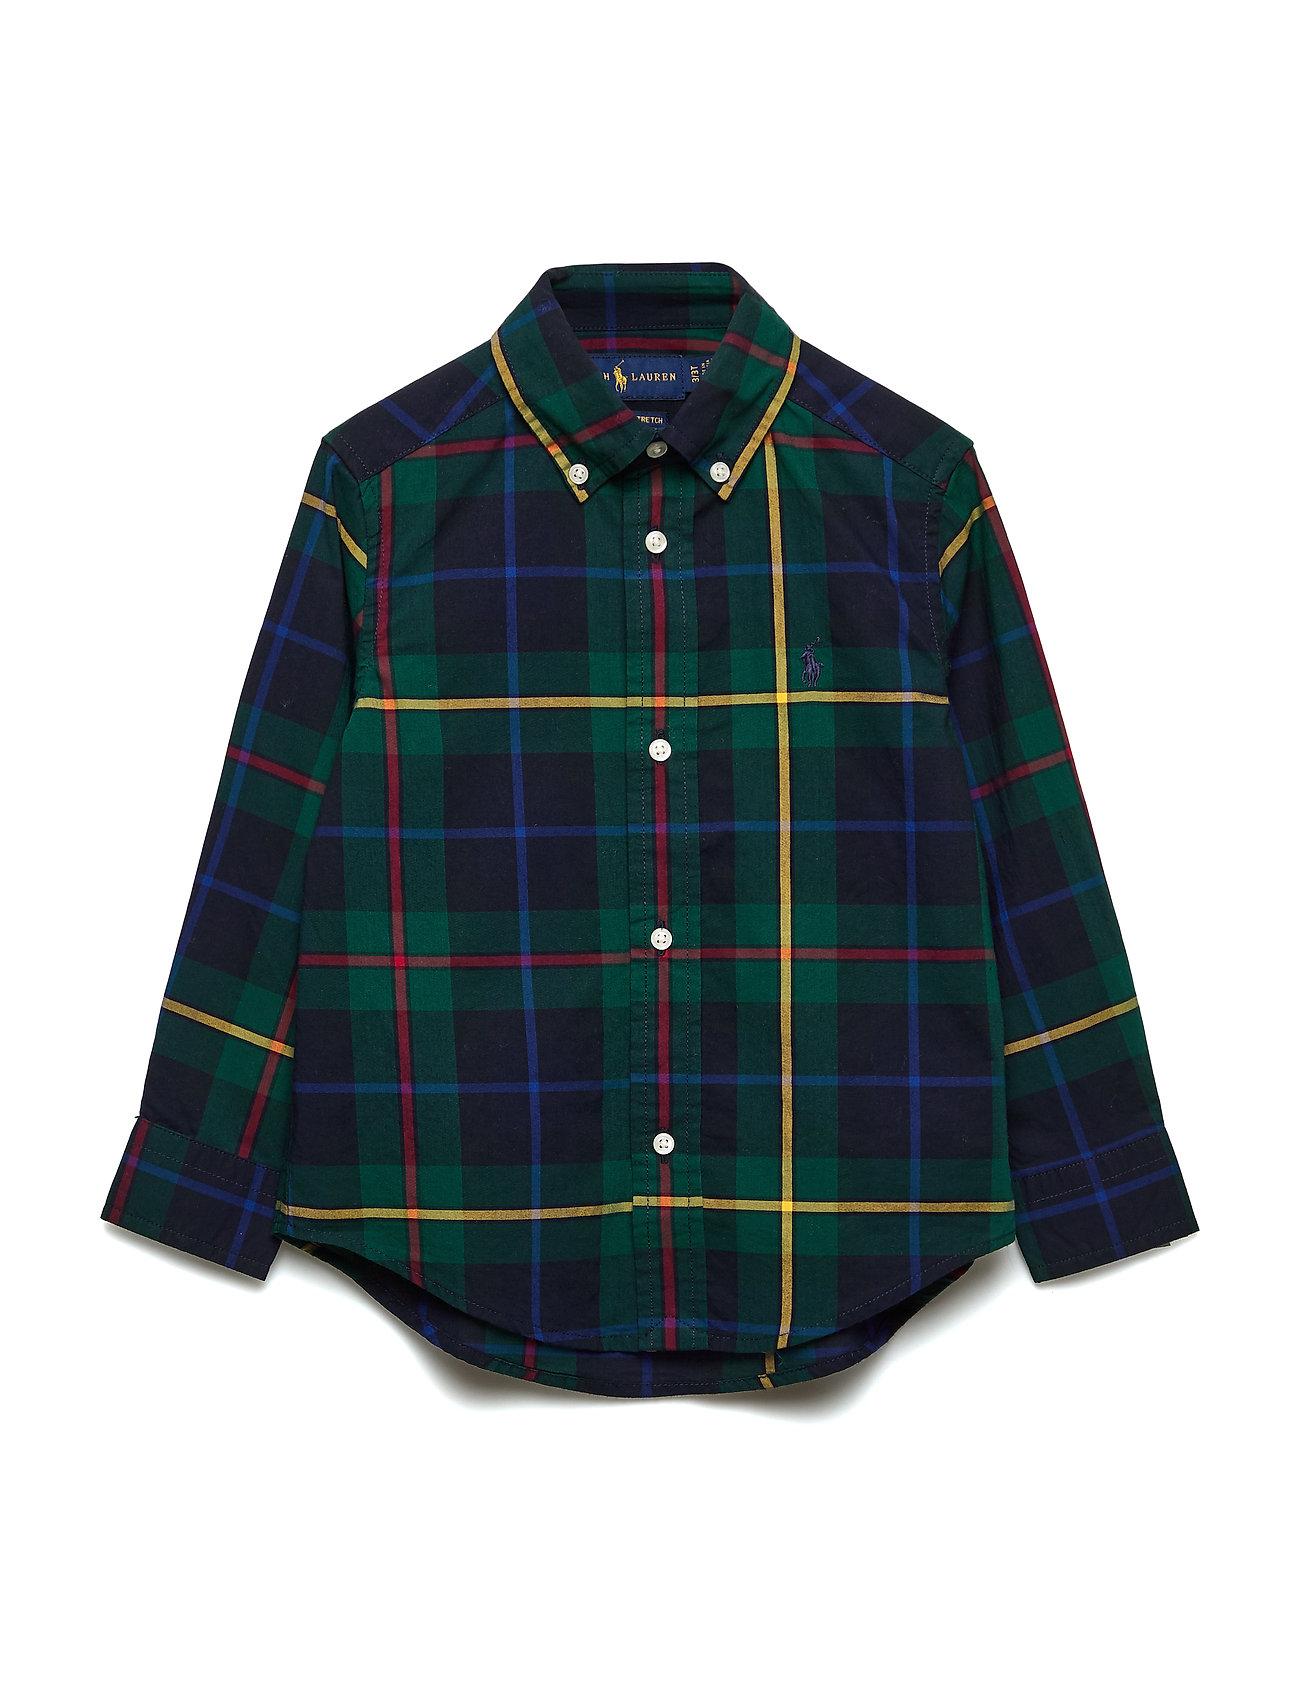 Ralph Lauren Kids Plaid Cotton Poplin Shirt - GREEN/NAVY MULTI